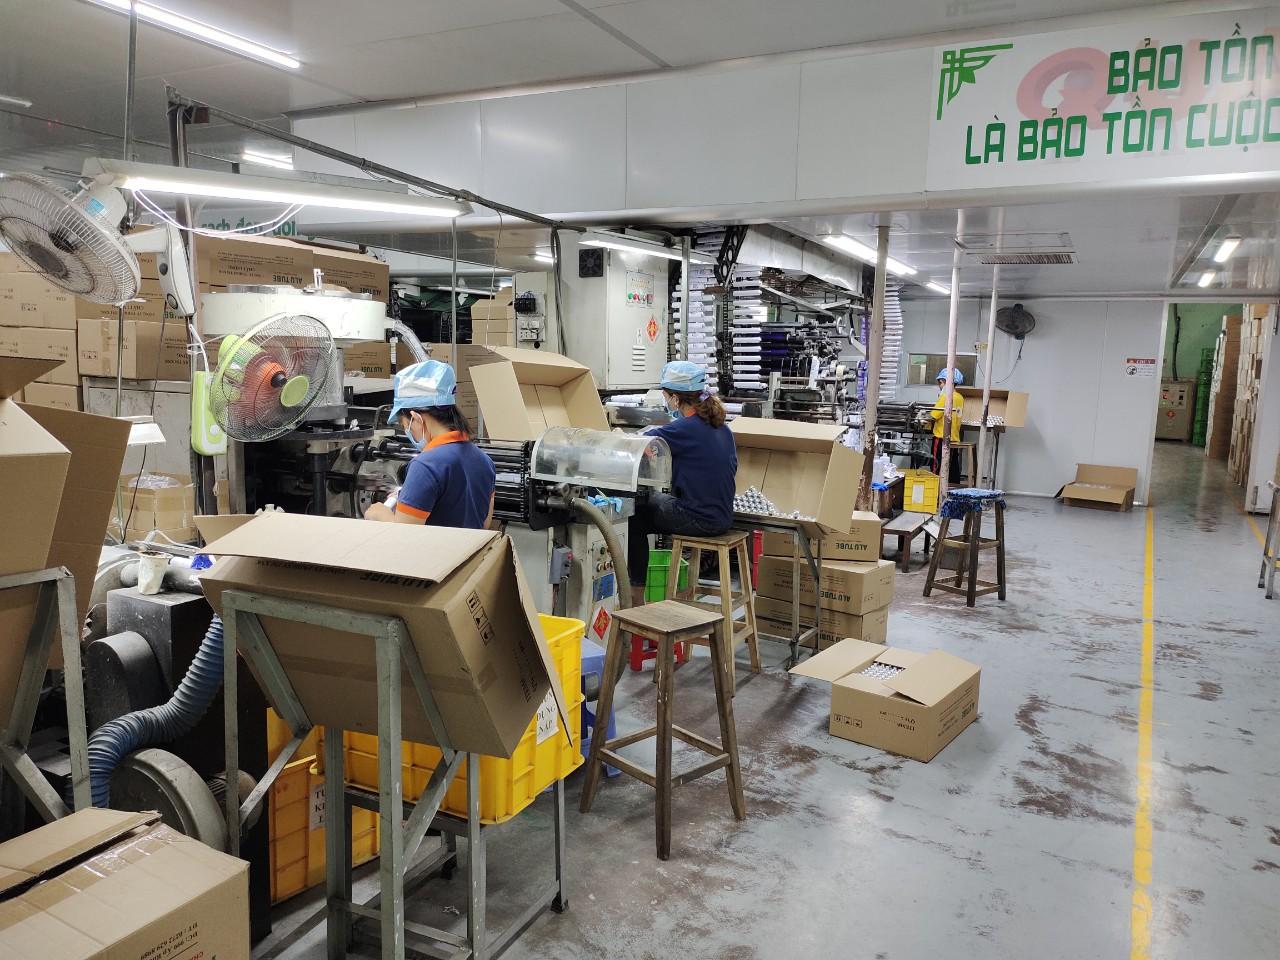 Nhân viên đưng máy sản xuất tuýt nhôm